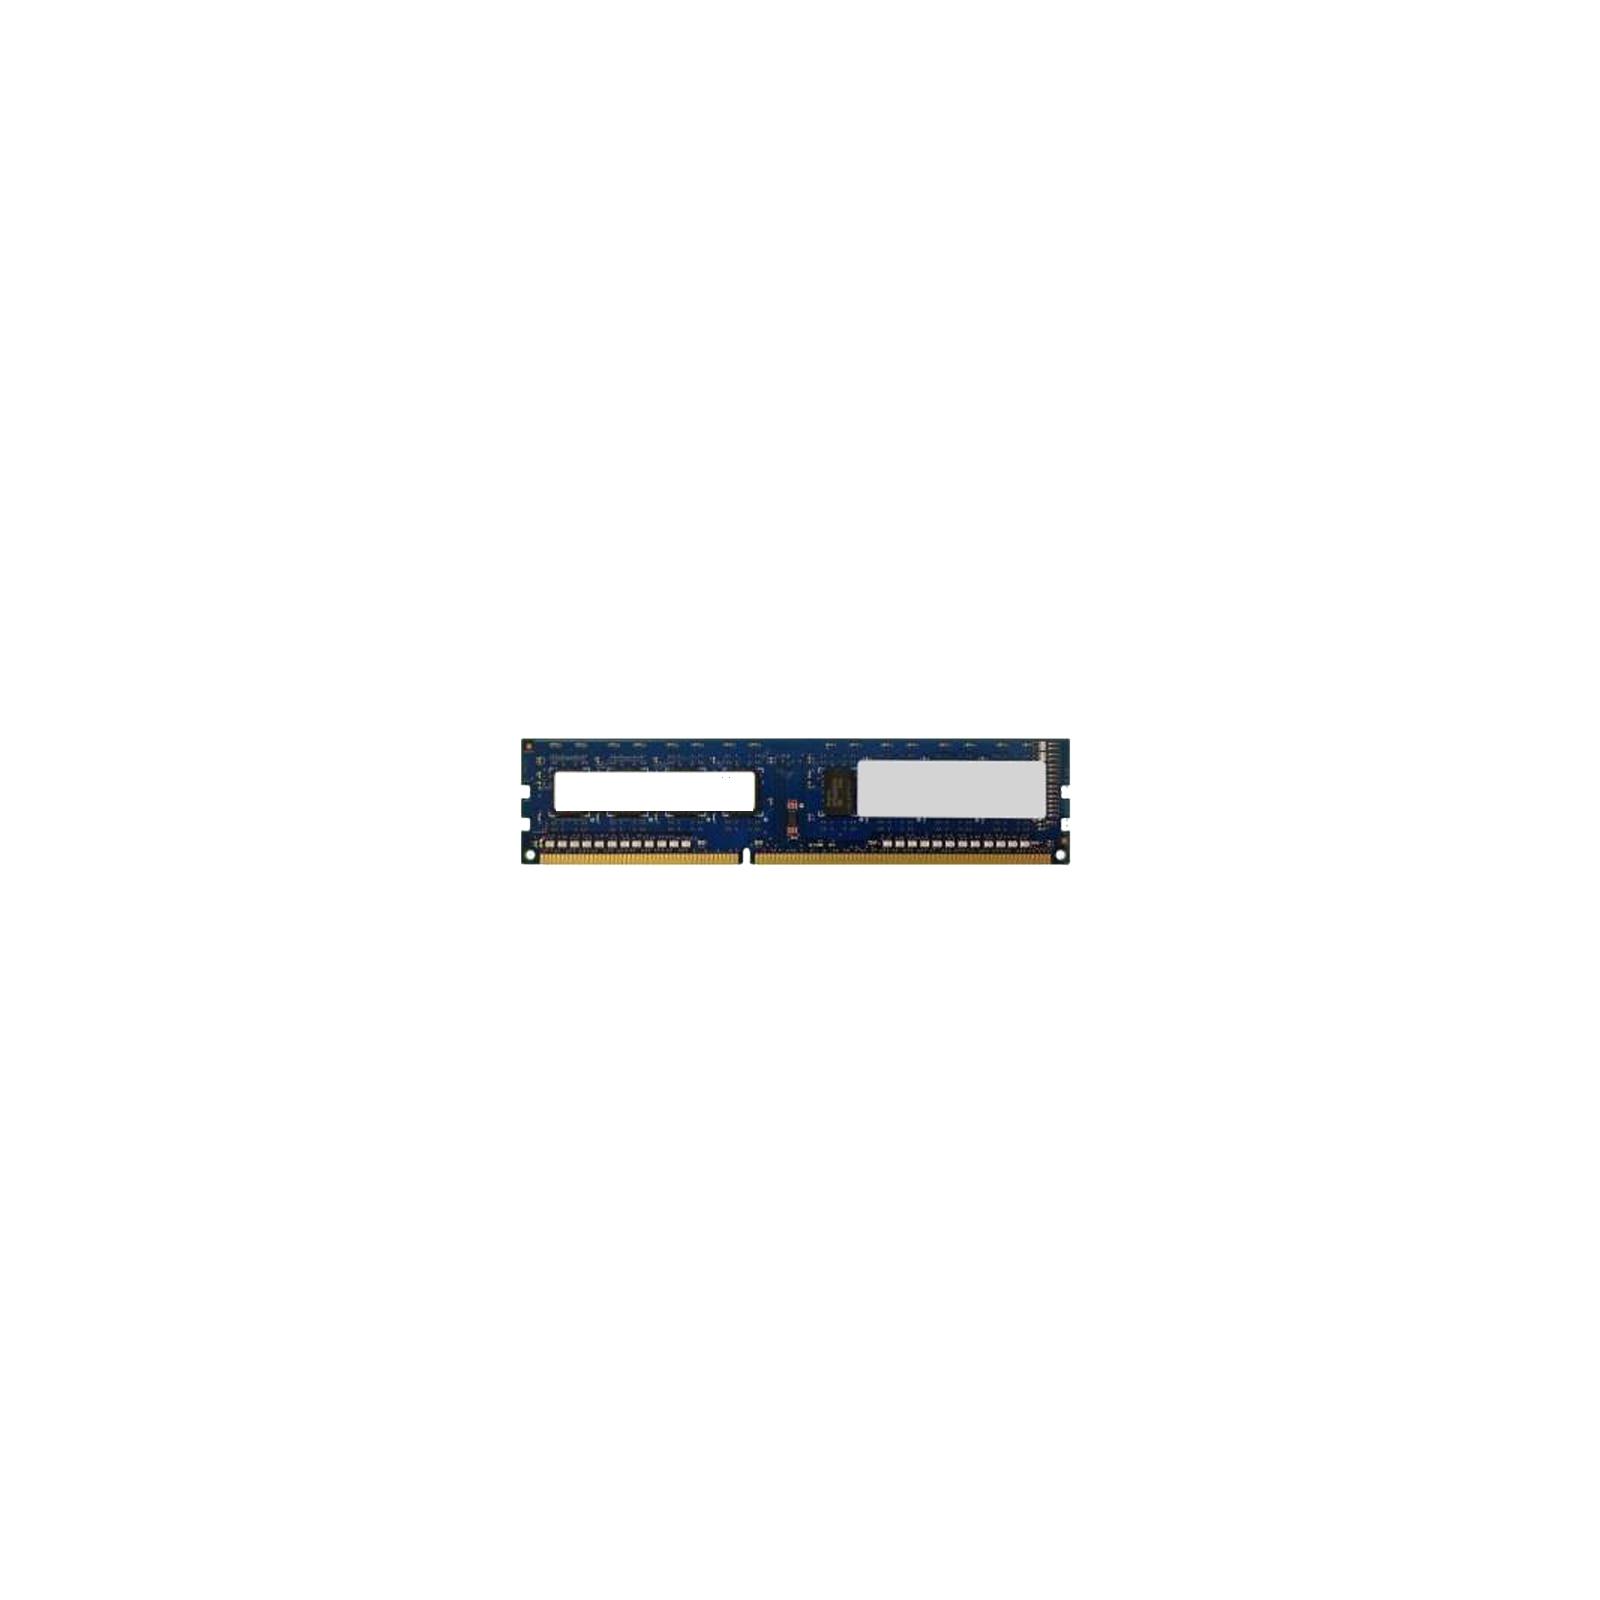 Модуль памяти для компьютера DDR3 4GB 1600 MHz Hynix (H5TG4G83AFR)